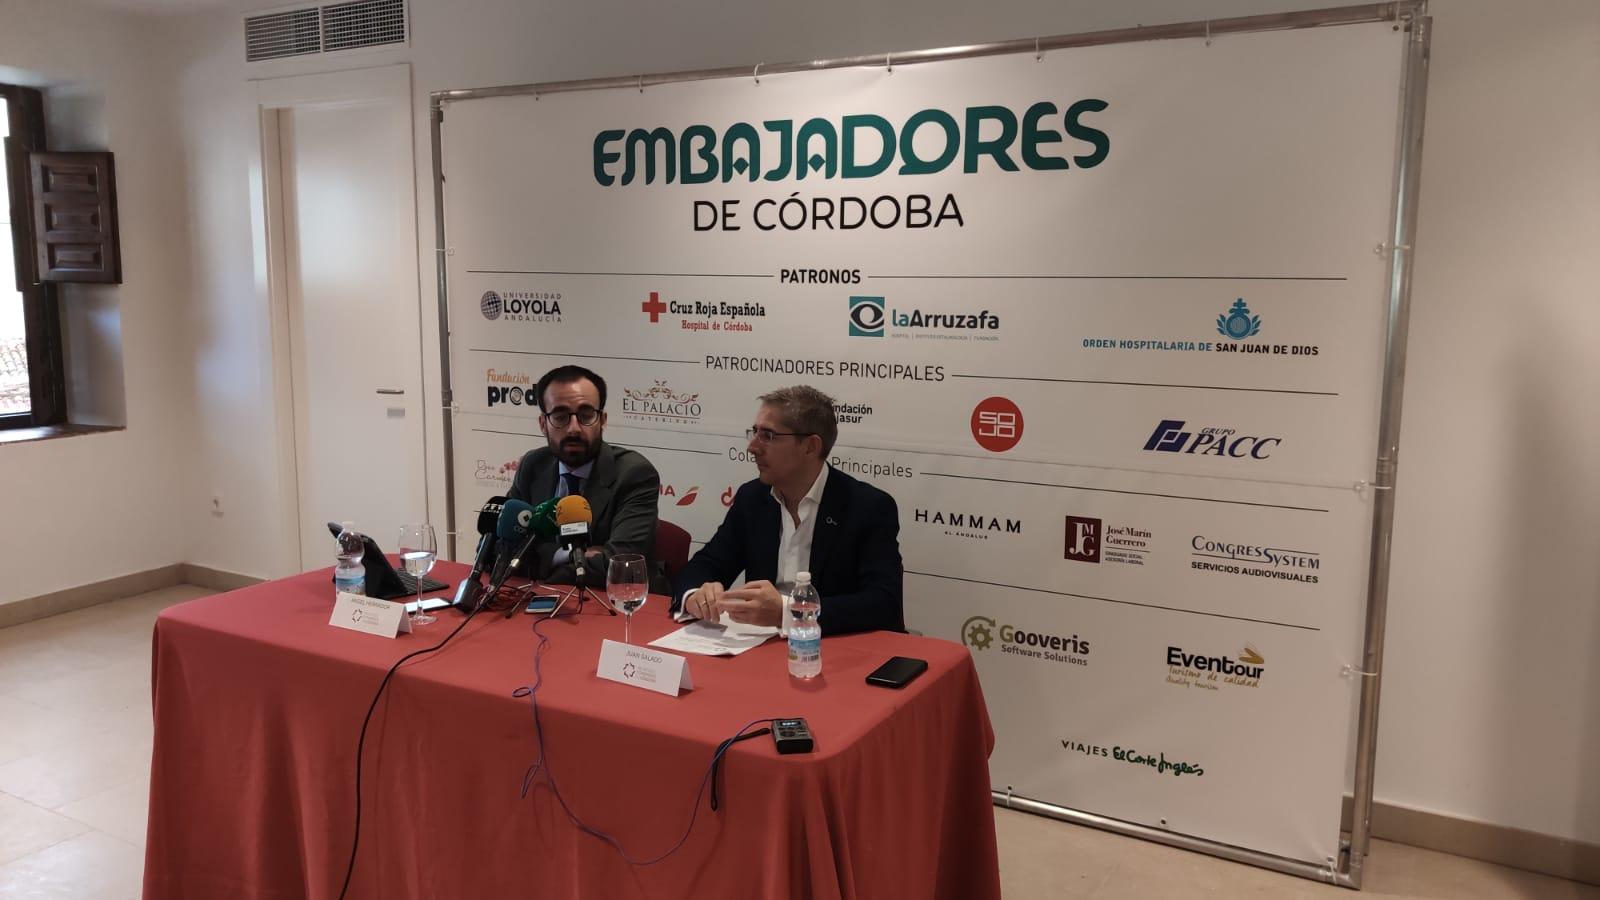 El Palacio de Congresos de Córdoba cumple el primer aniversario de su reapertura con más de un centenar de eventos celebrados